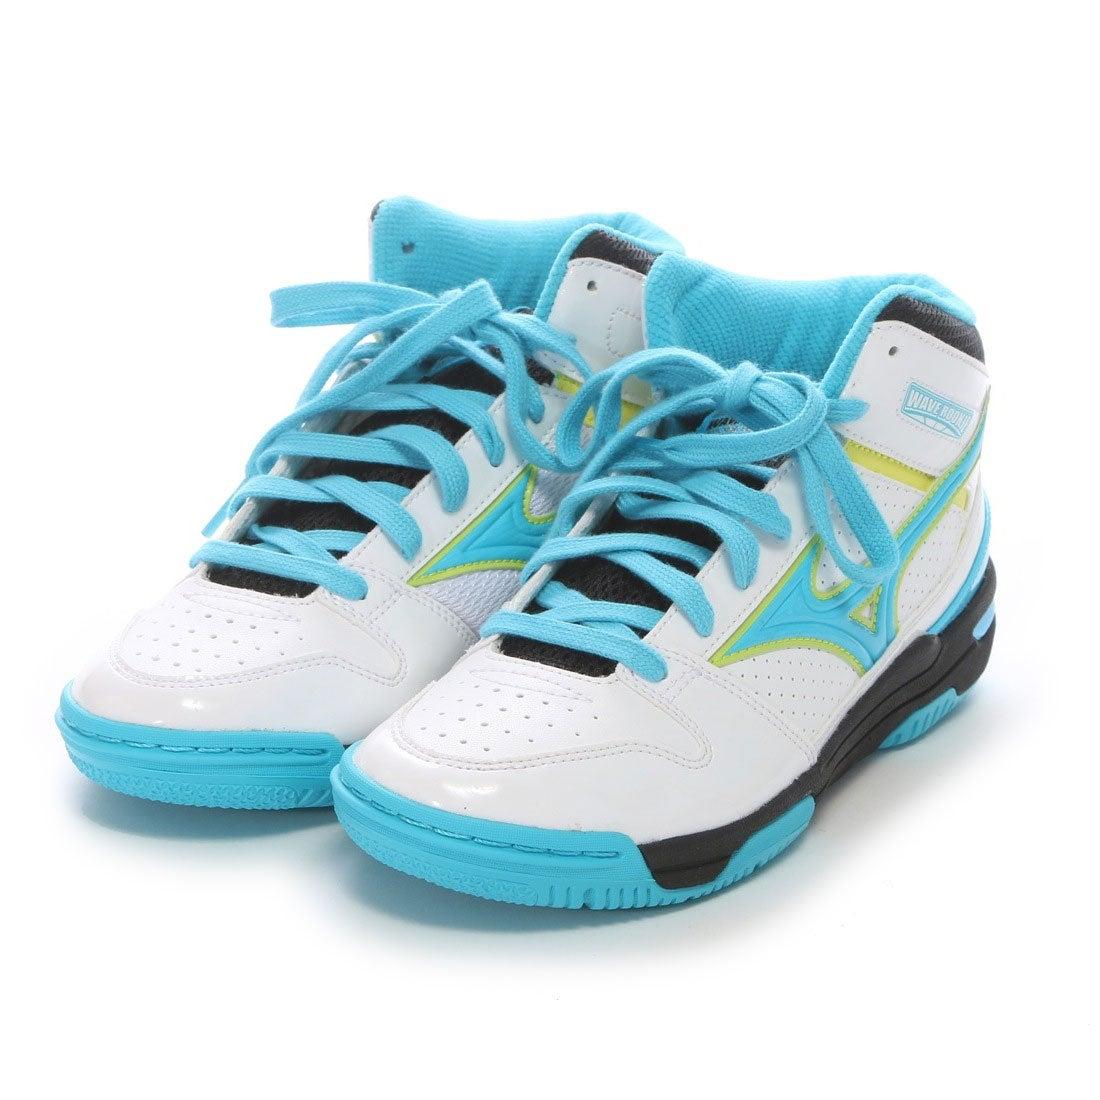 ミズノ MIZUNO ジュニア バスケットボール シューズ WAVE ROOKIE BB3 W1GC157025 503 ,スポーツ用品通販  アルペングループ(スポーツデポ・ゴルフ5・アルペン)